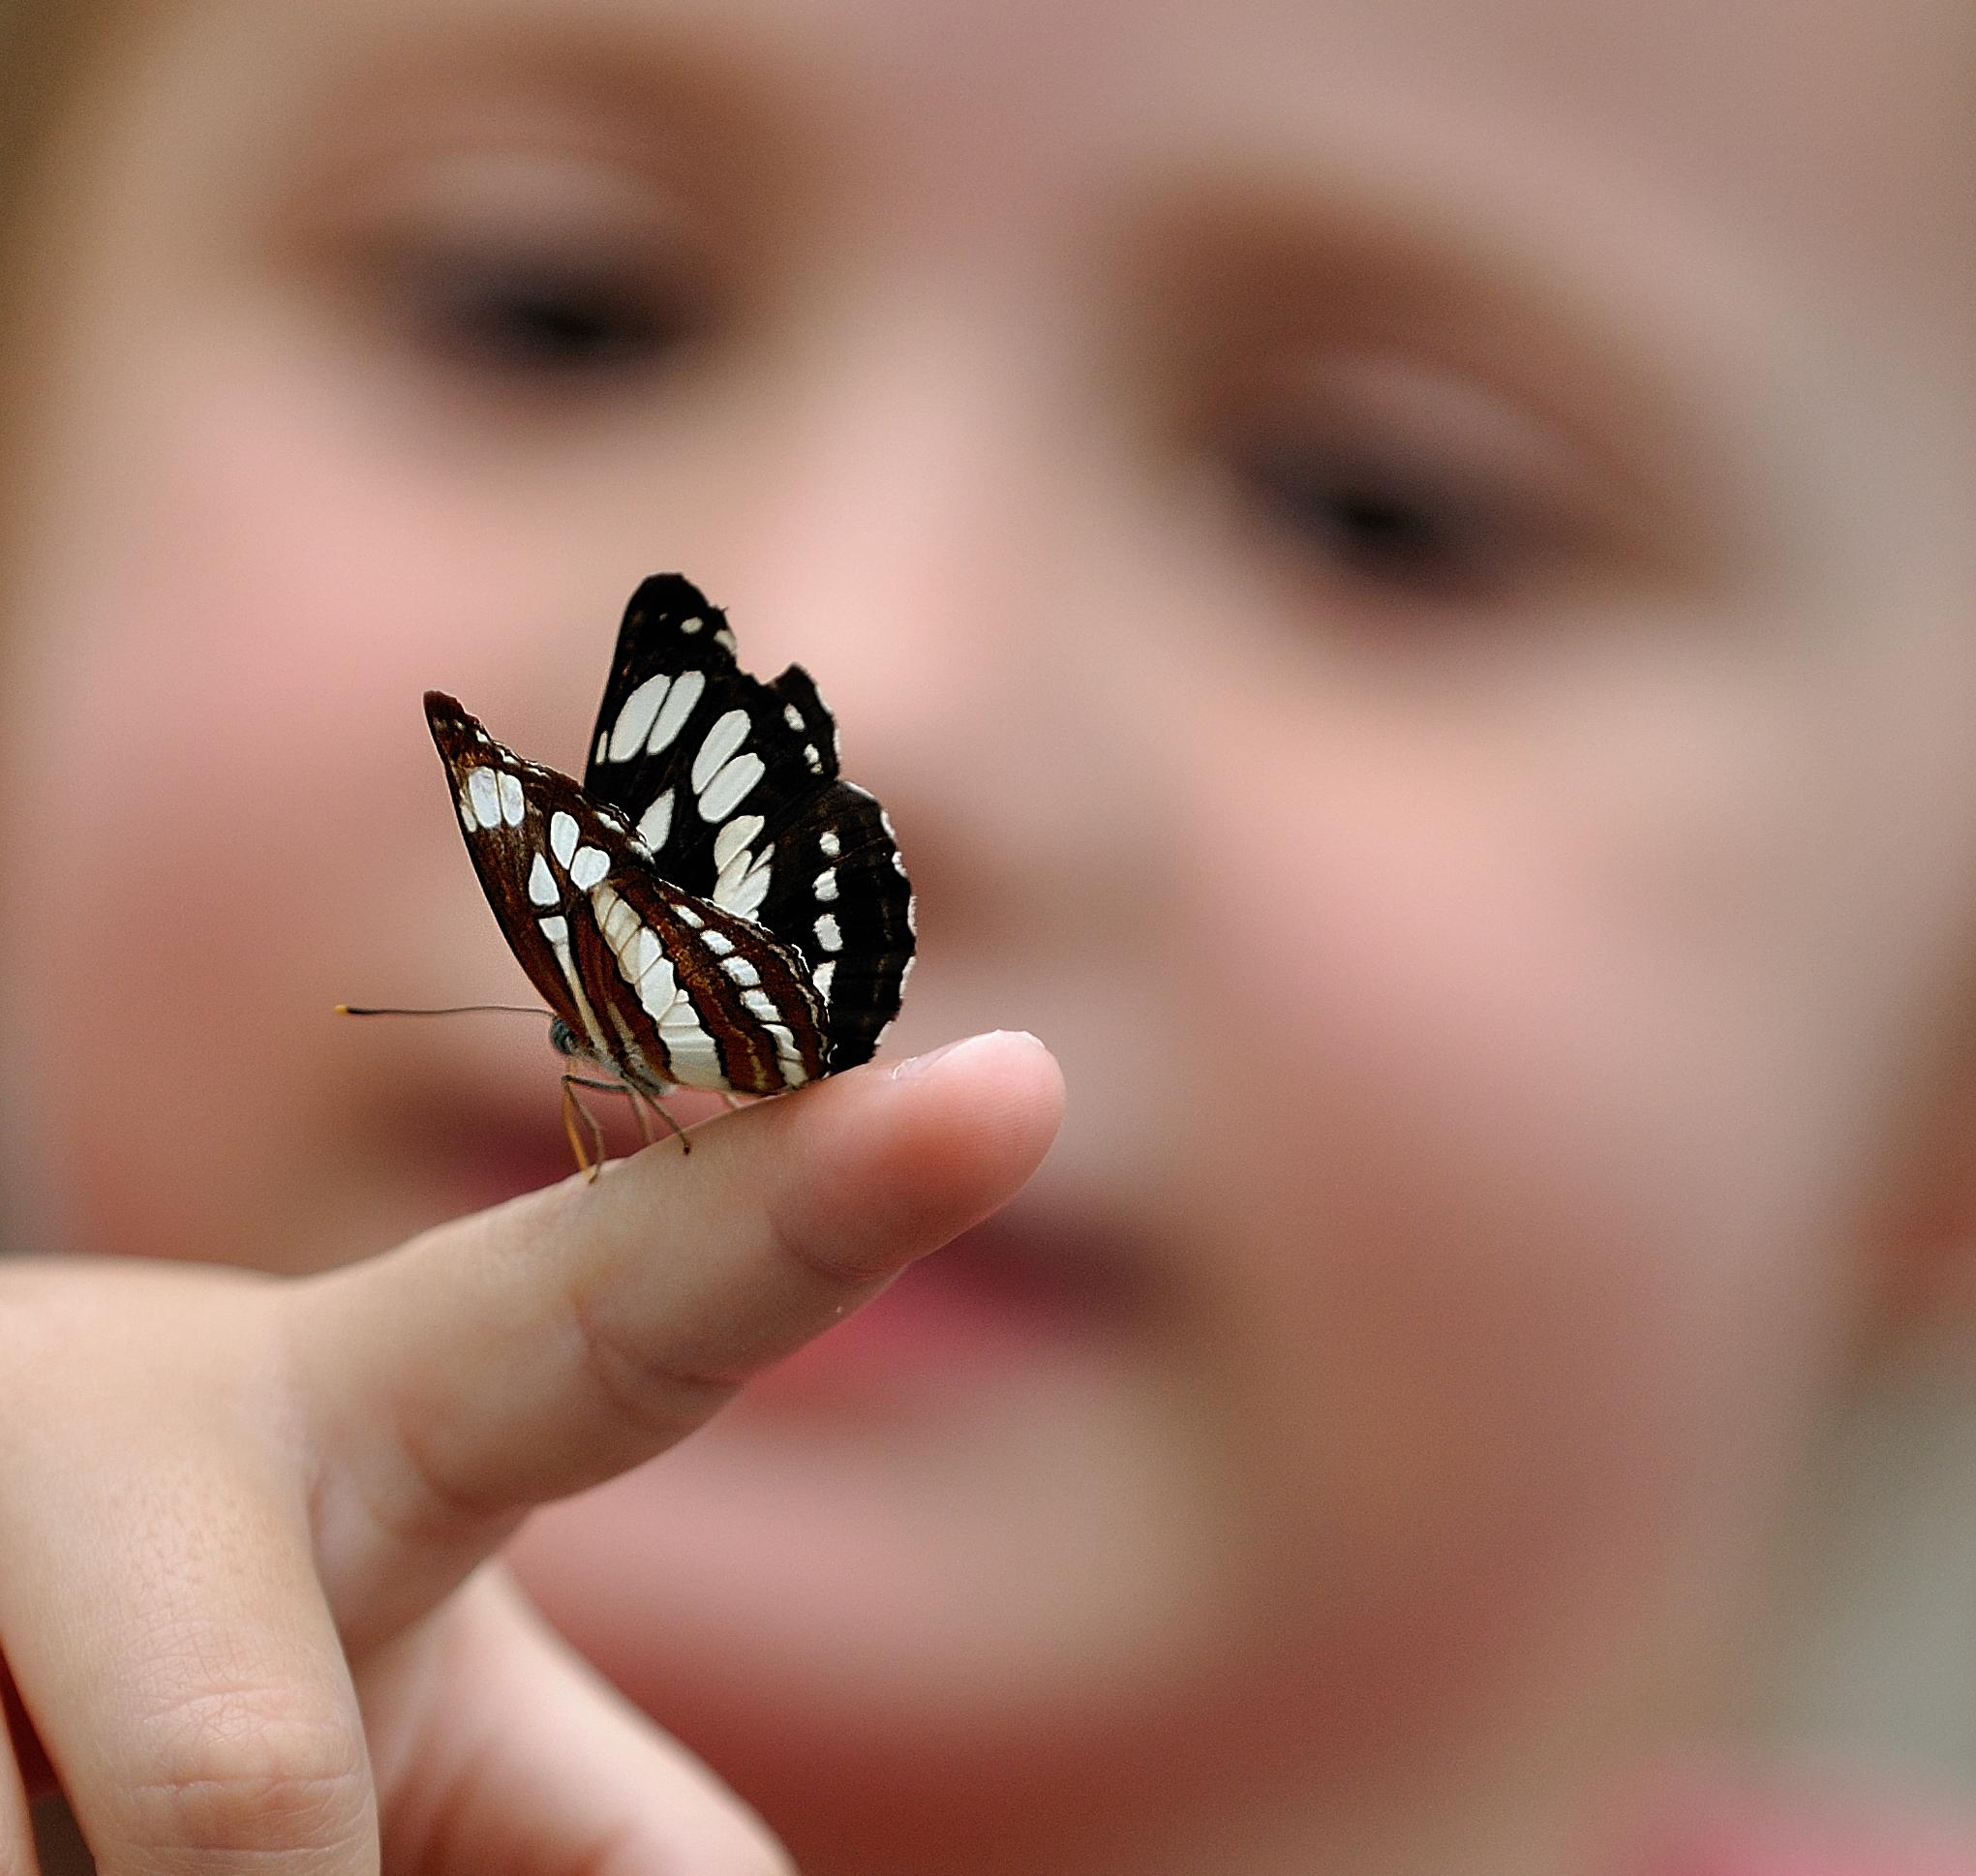 butterflyfingermay2010.jpg